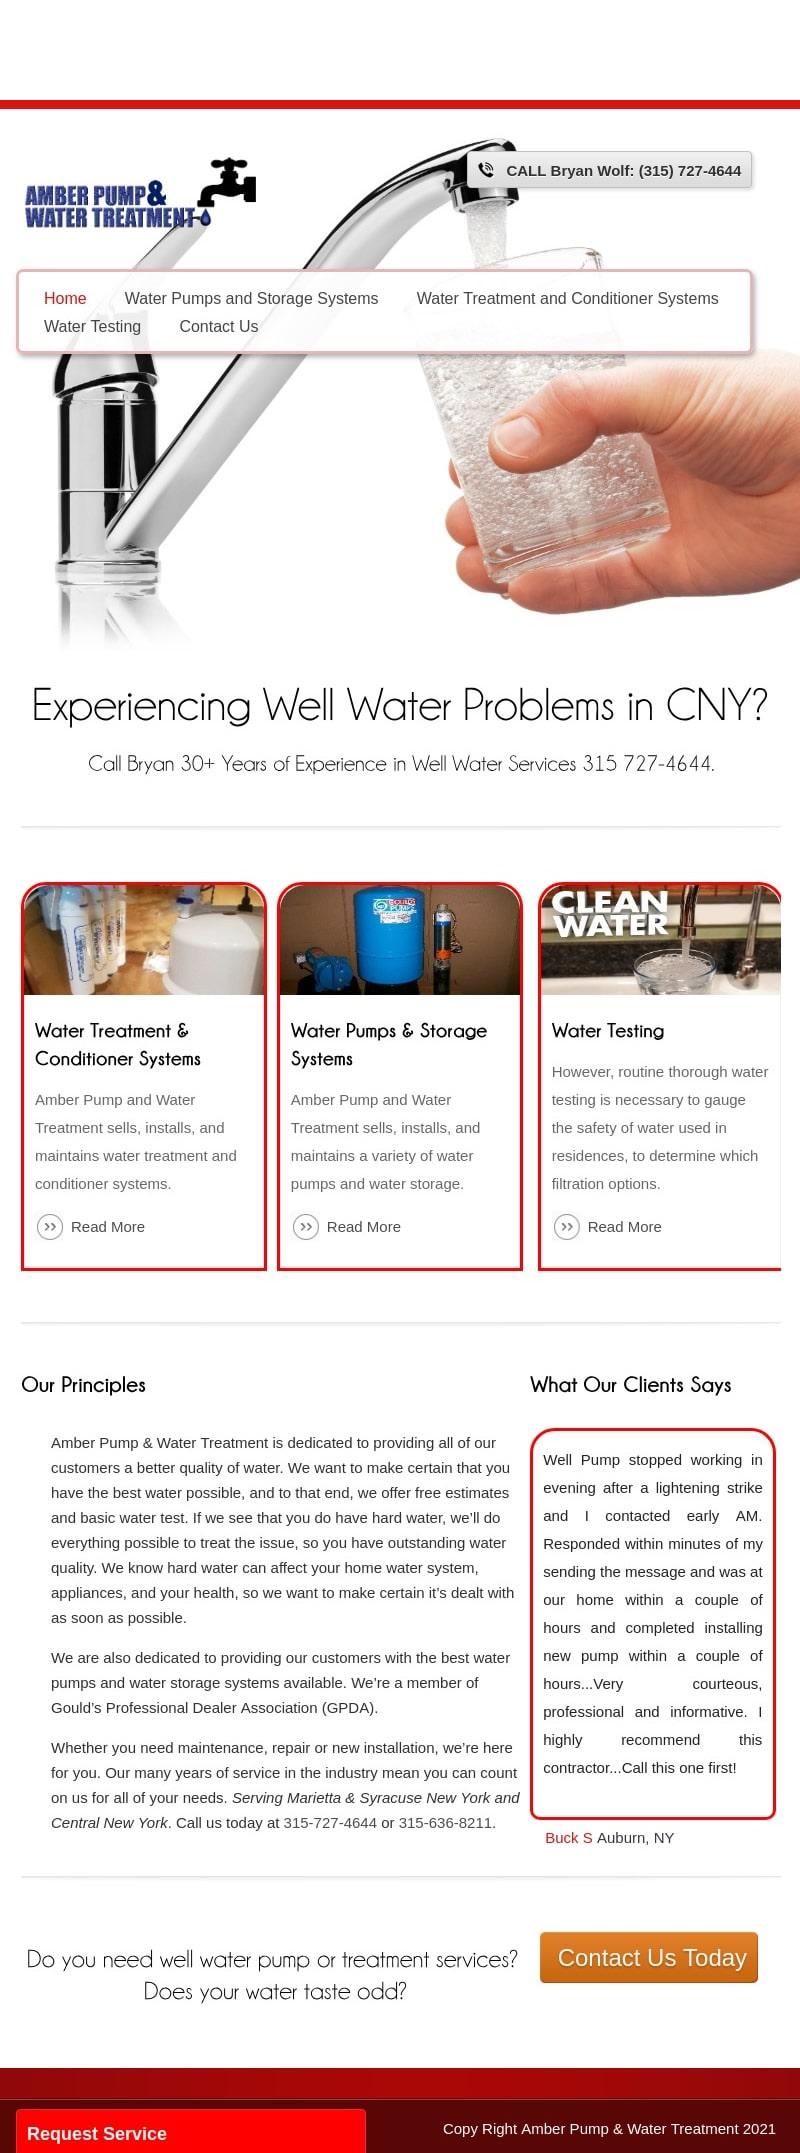 Amber Pump & Water Treatment Marietta NY 5iPad